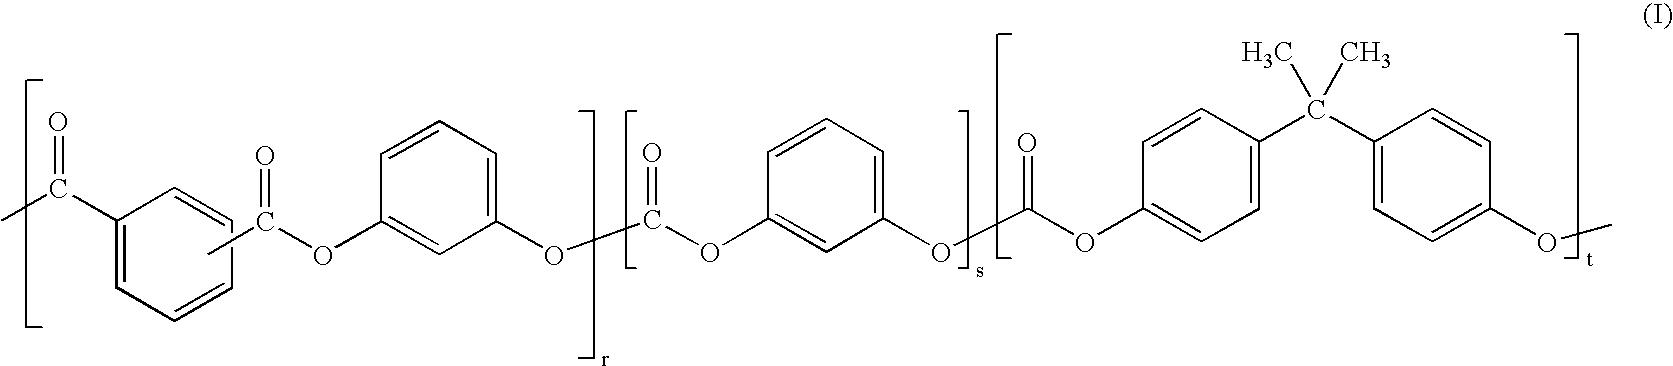 Figure US07323536-20080129-C00031